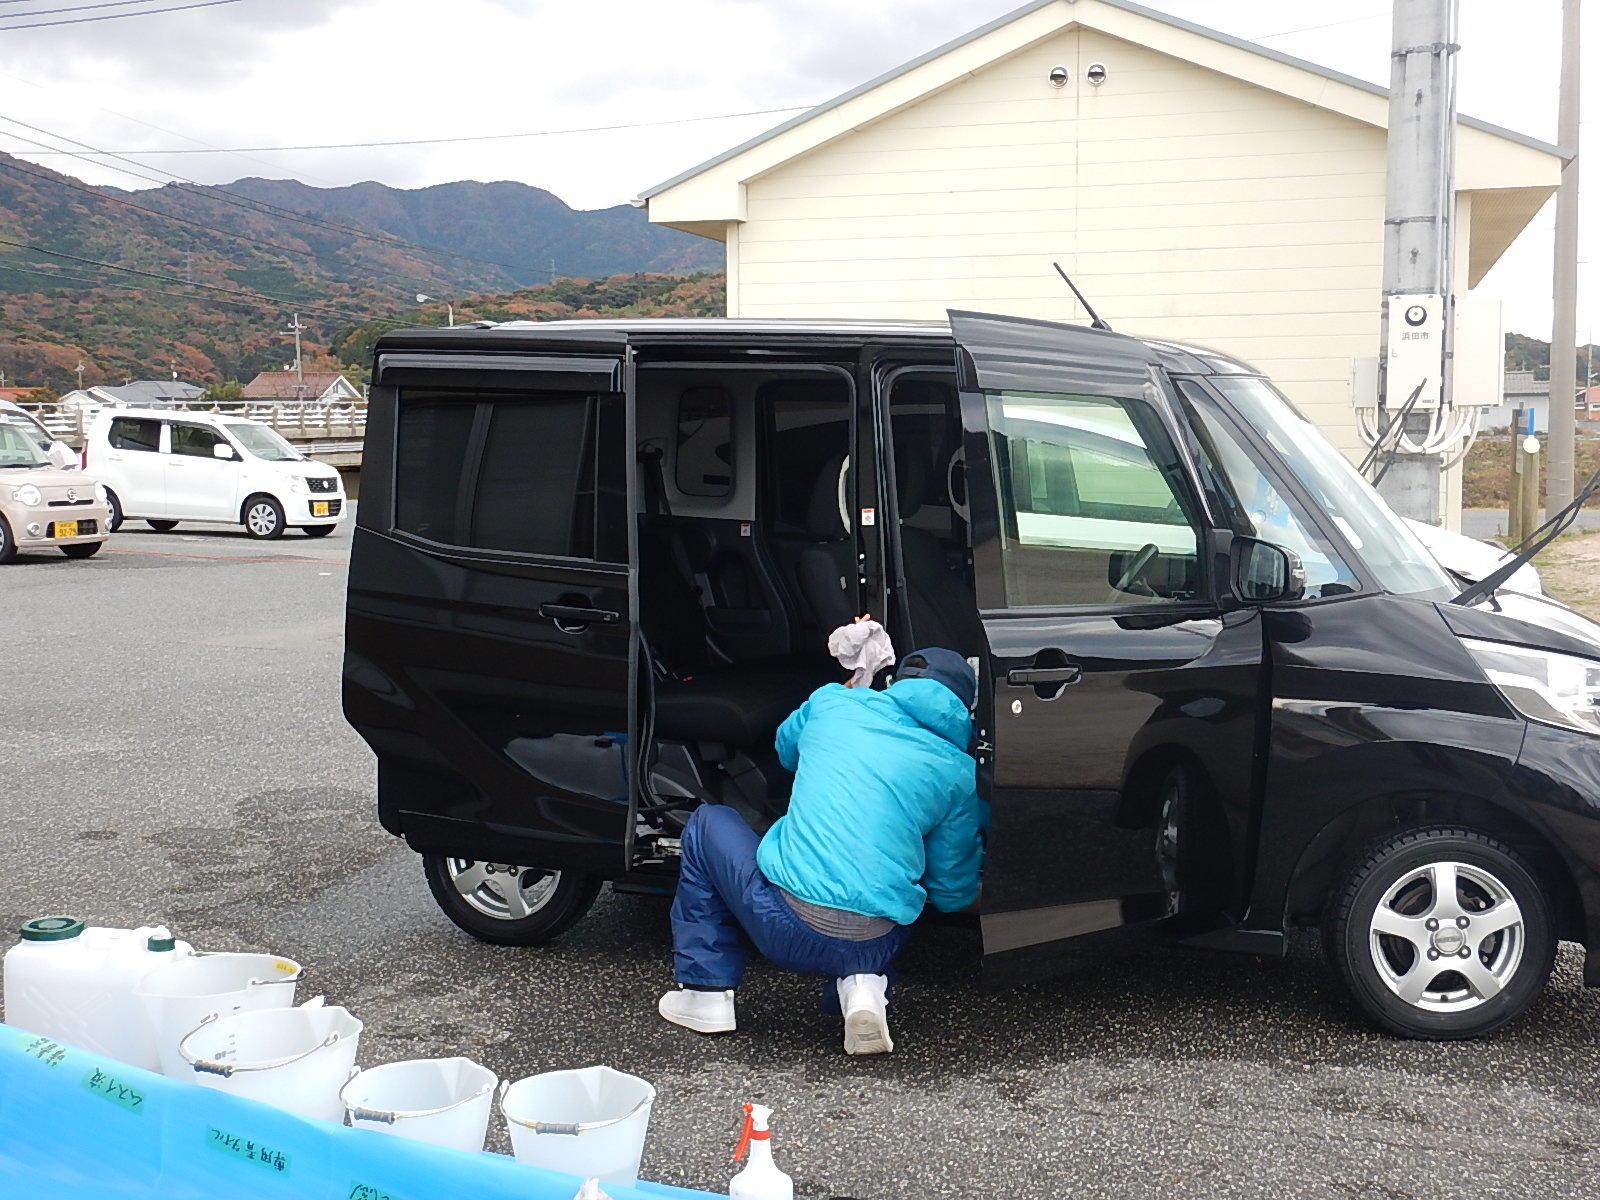 http://www.shimanet.ed.jp/hamadayougo/news/DSCN0335.JPG